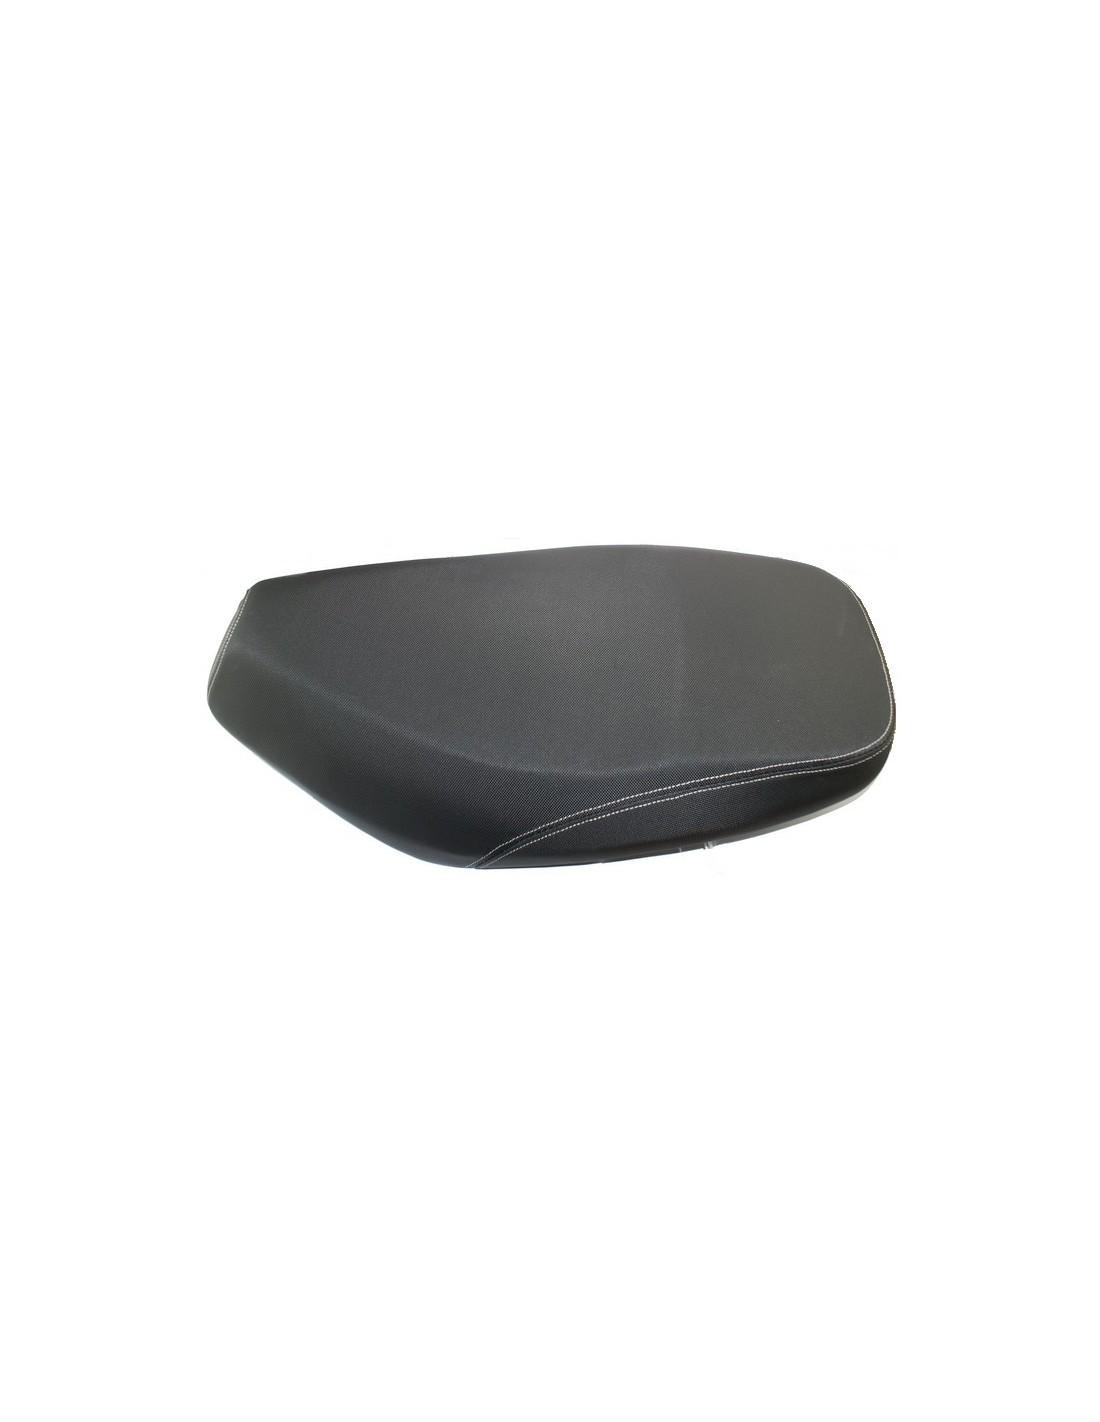 siodło , siedzenie , kanapa Router Bassa produkowany od 2012